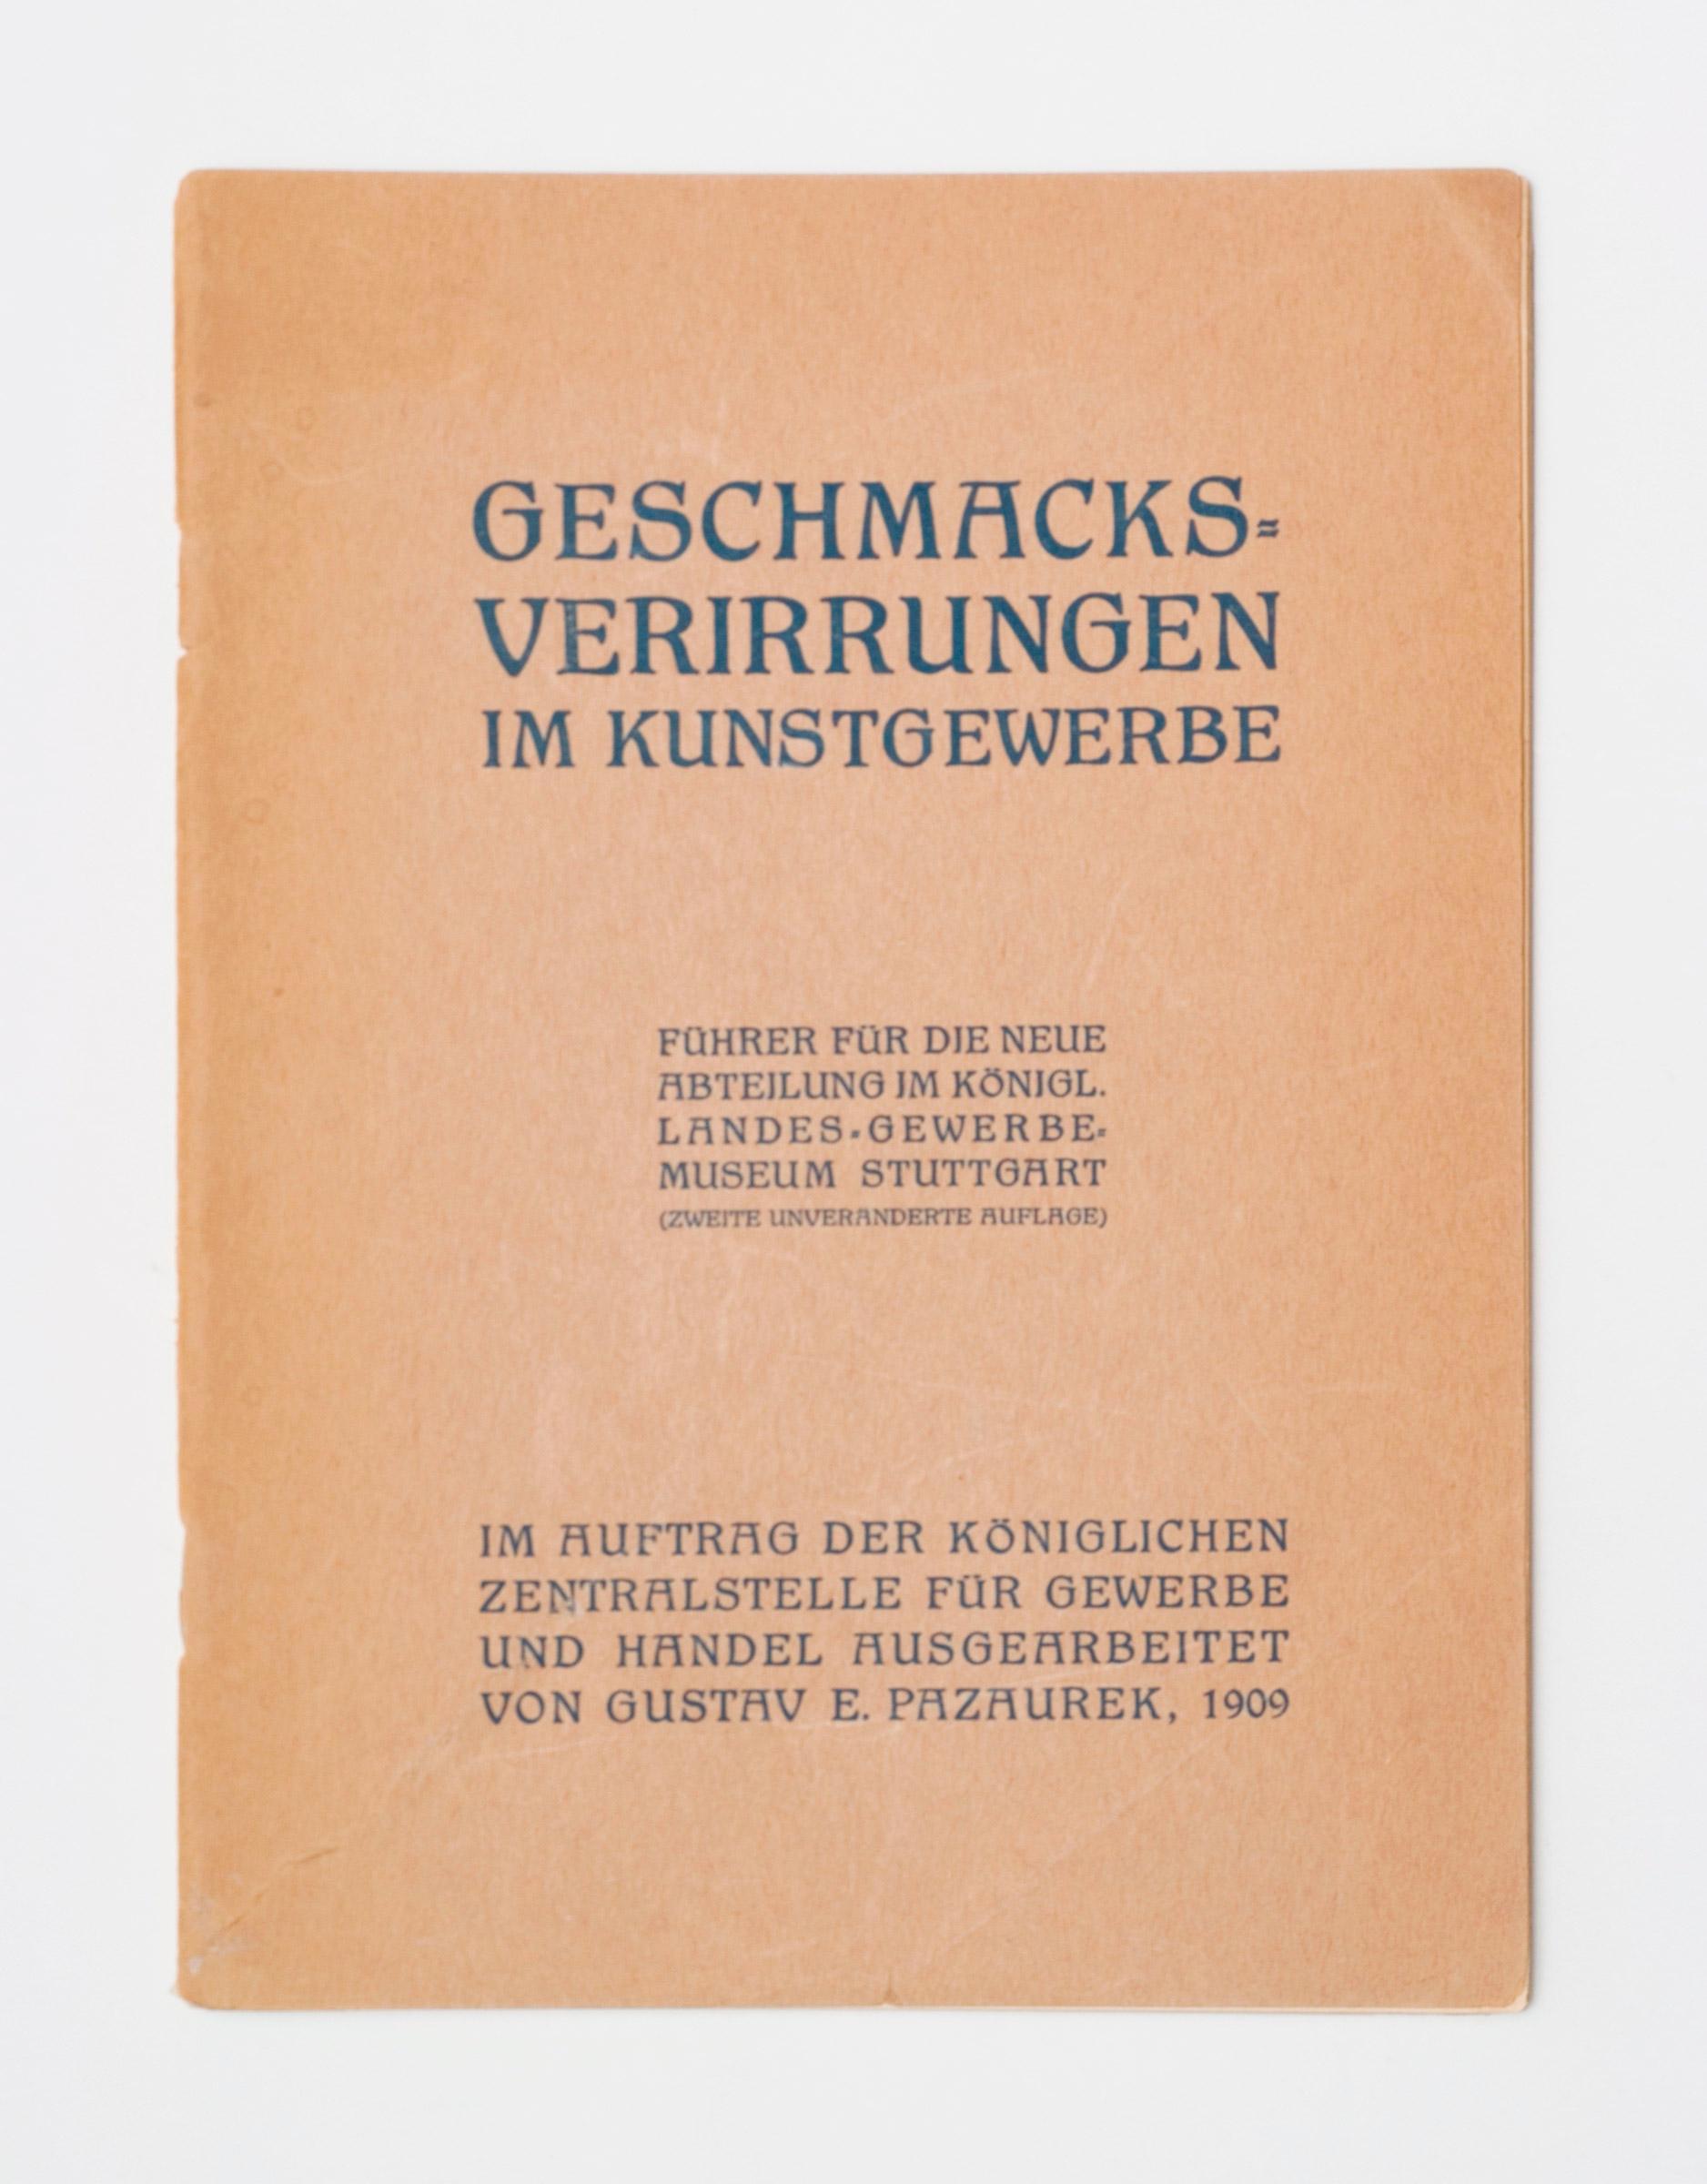 """""""Geschmacksverirrungen im Kunstgewerbe"""", Gustav E. Pazaurek, 1909"""